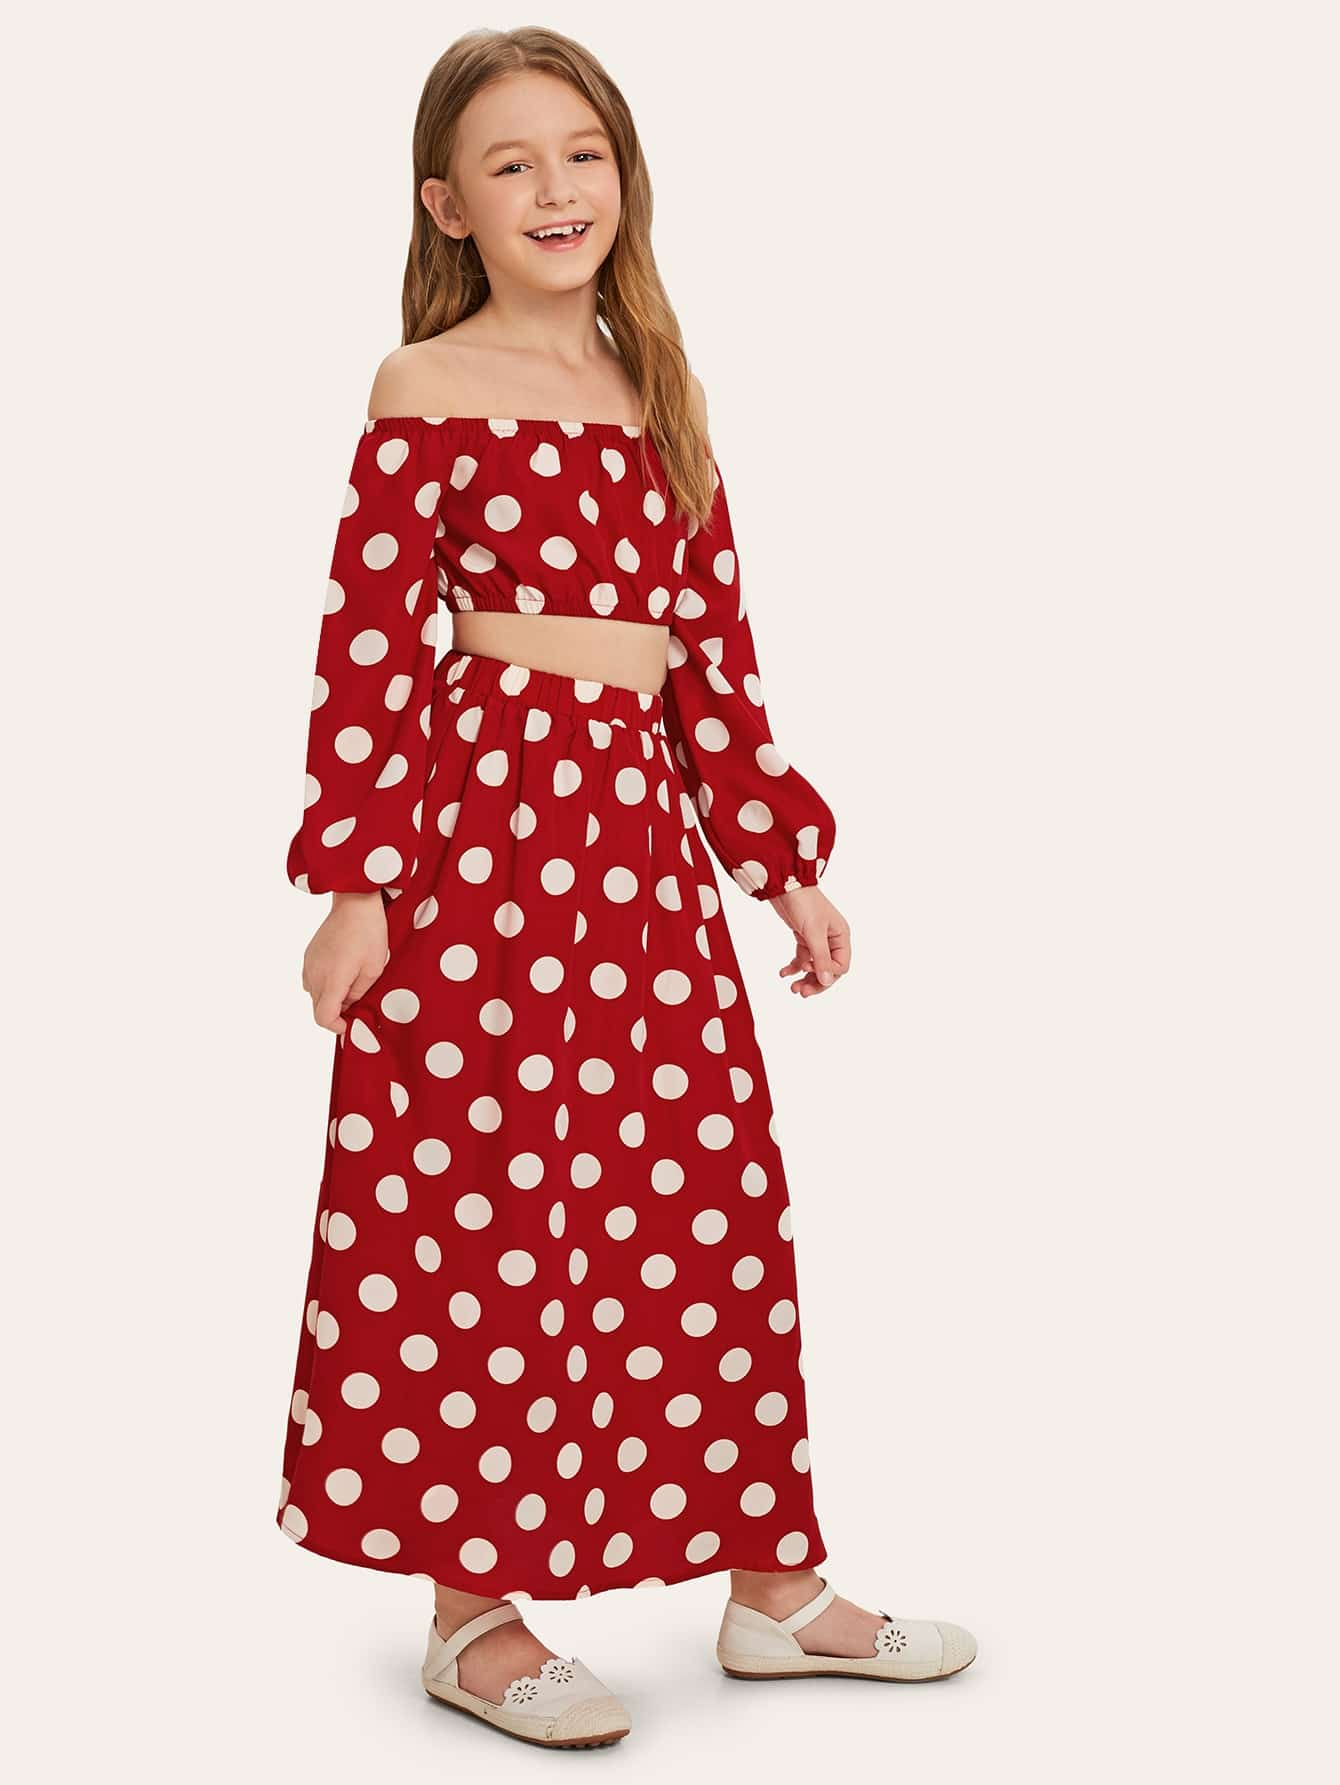 Купить Кроп топ в грпршек и юбка комплект для девочек, Sashab, SheIn